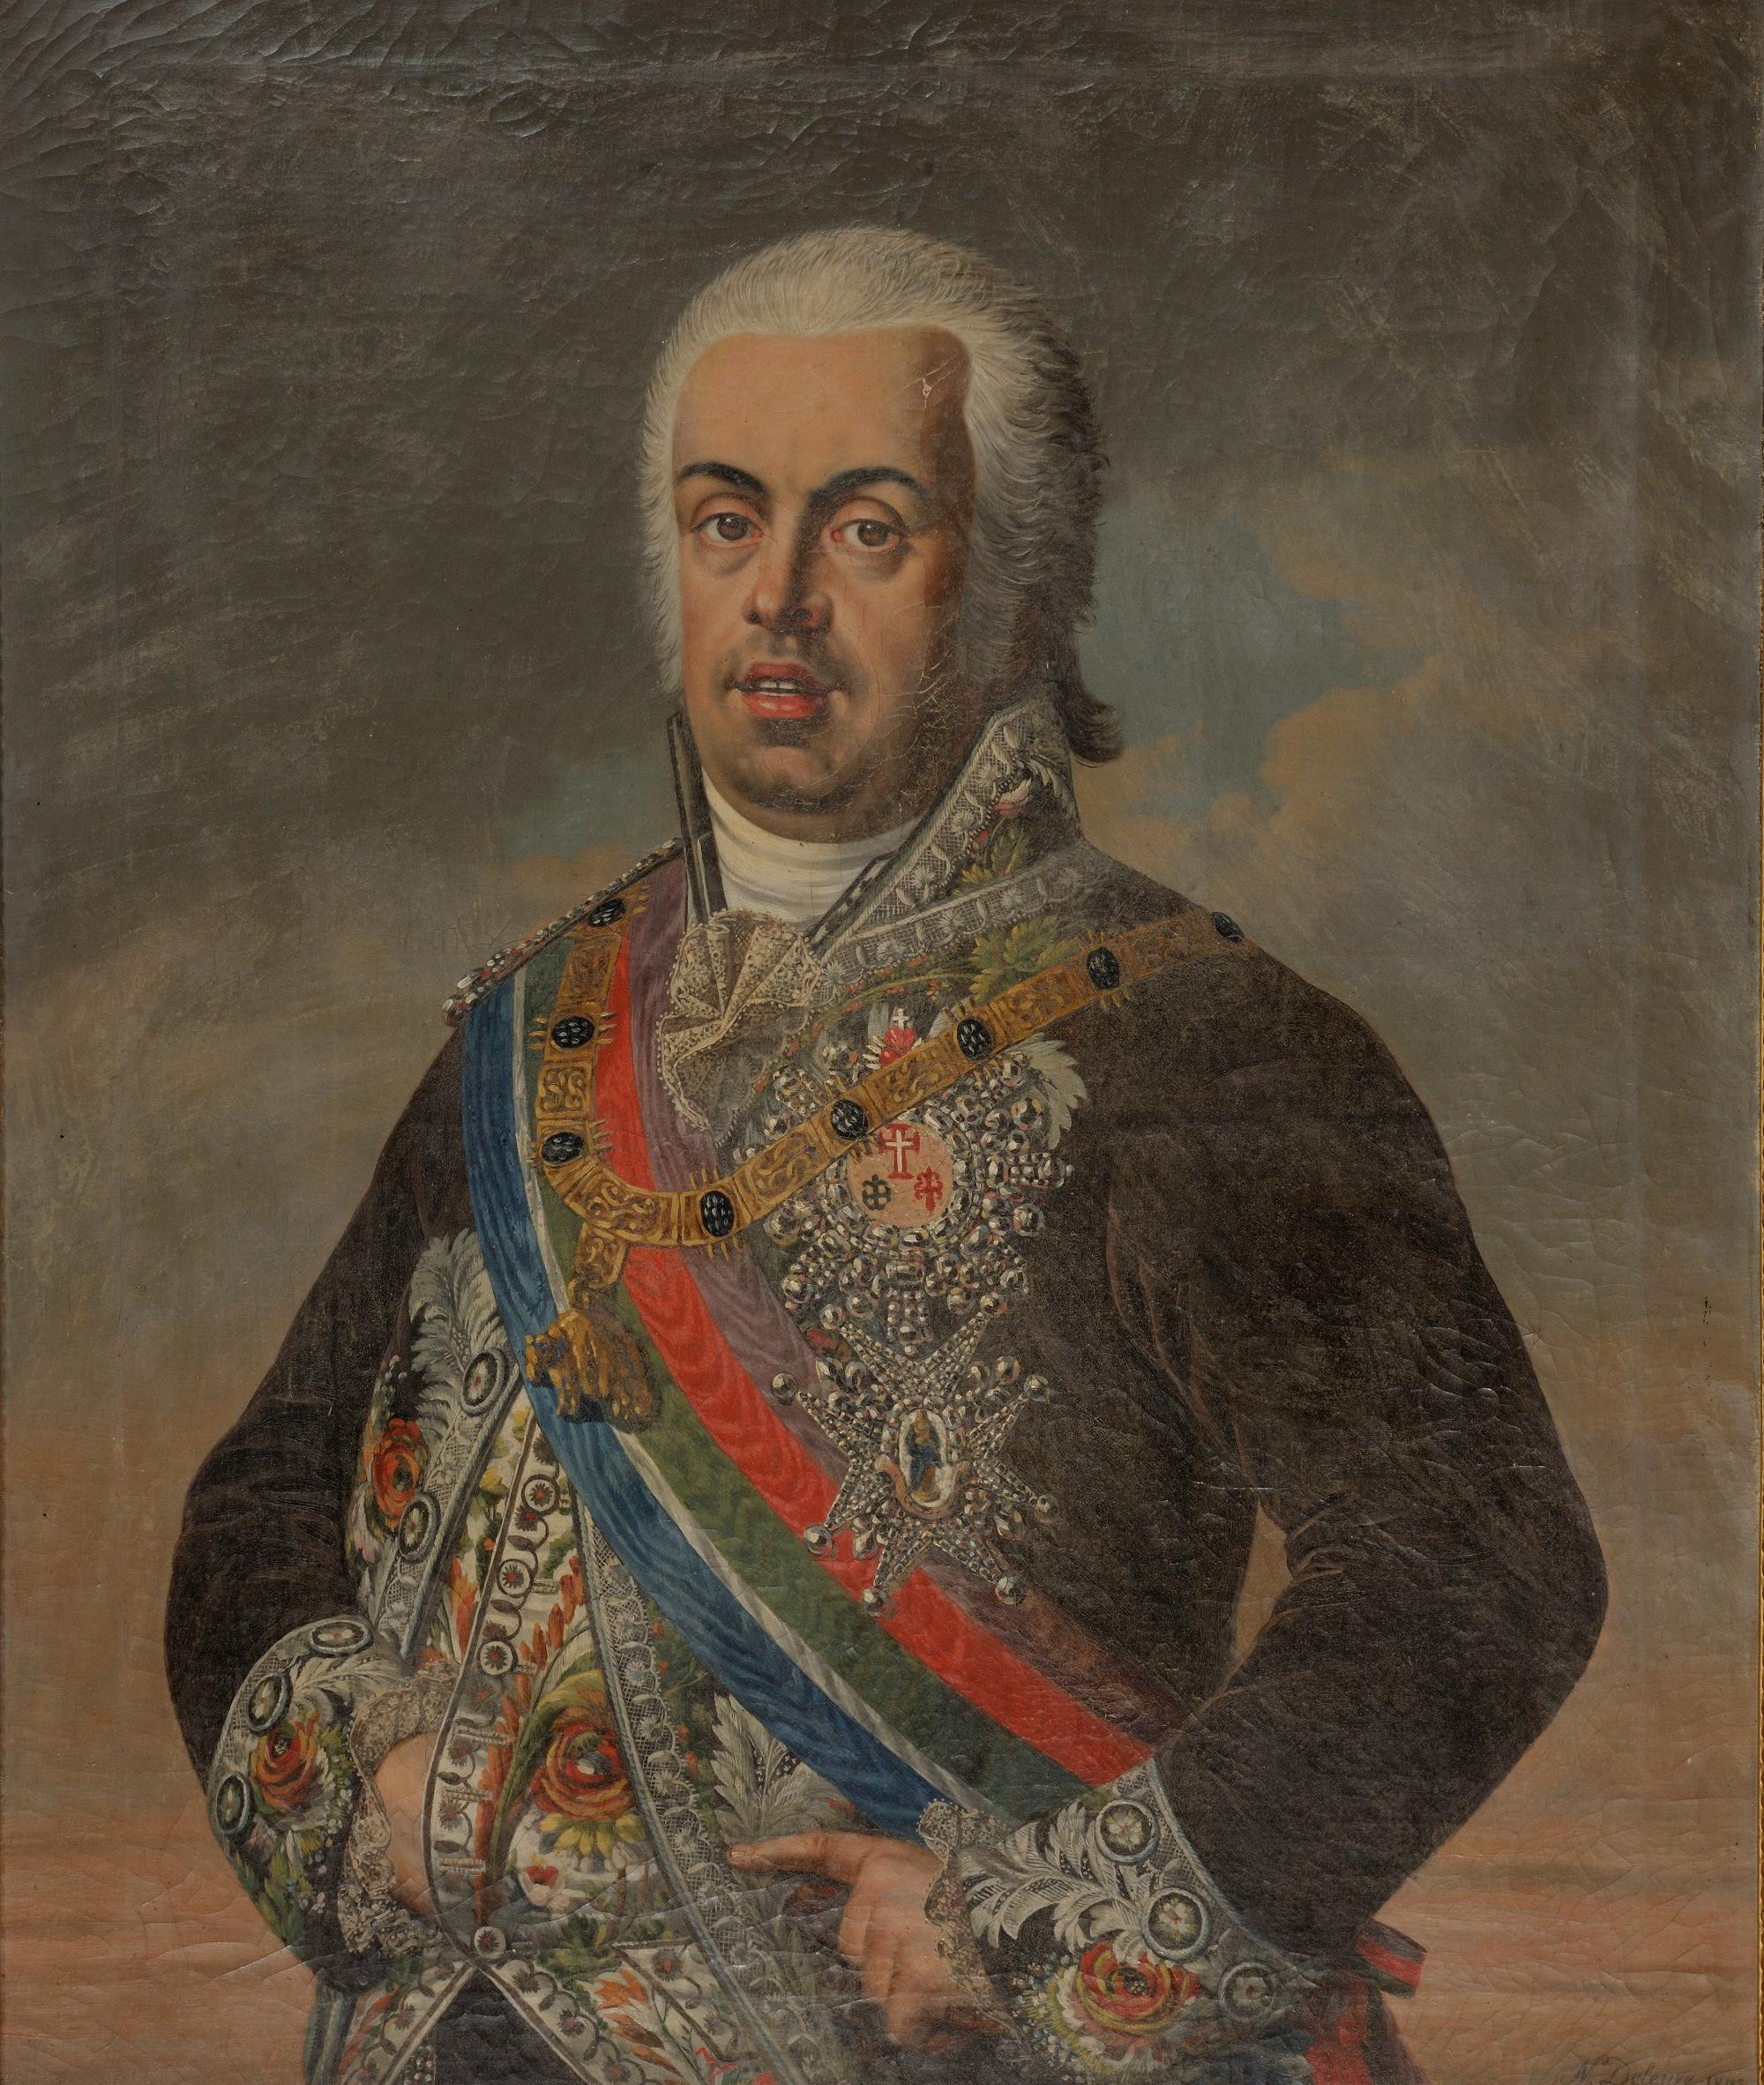 Infante D. João de Bragança, Duque de Beja, Grão-prior do Crato, 4º Senhor da Casa do Infantado. 1742-1816.